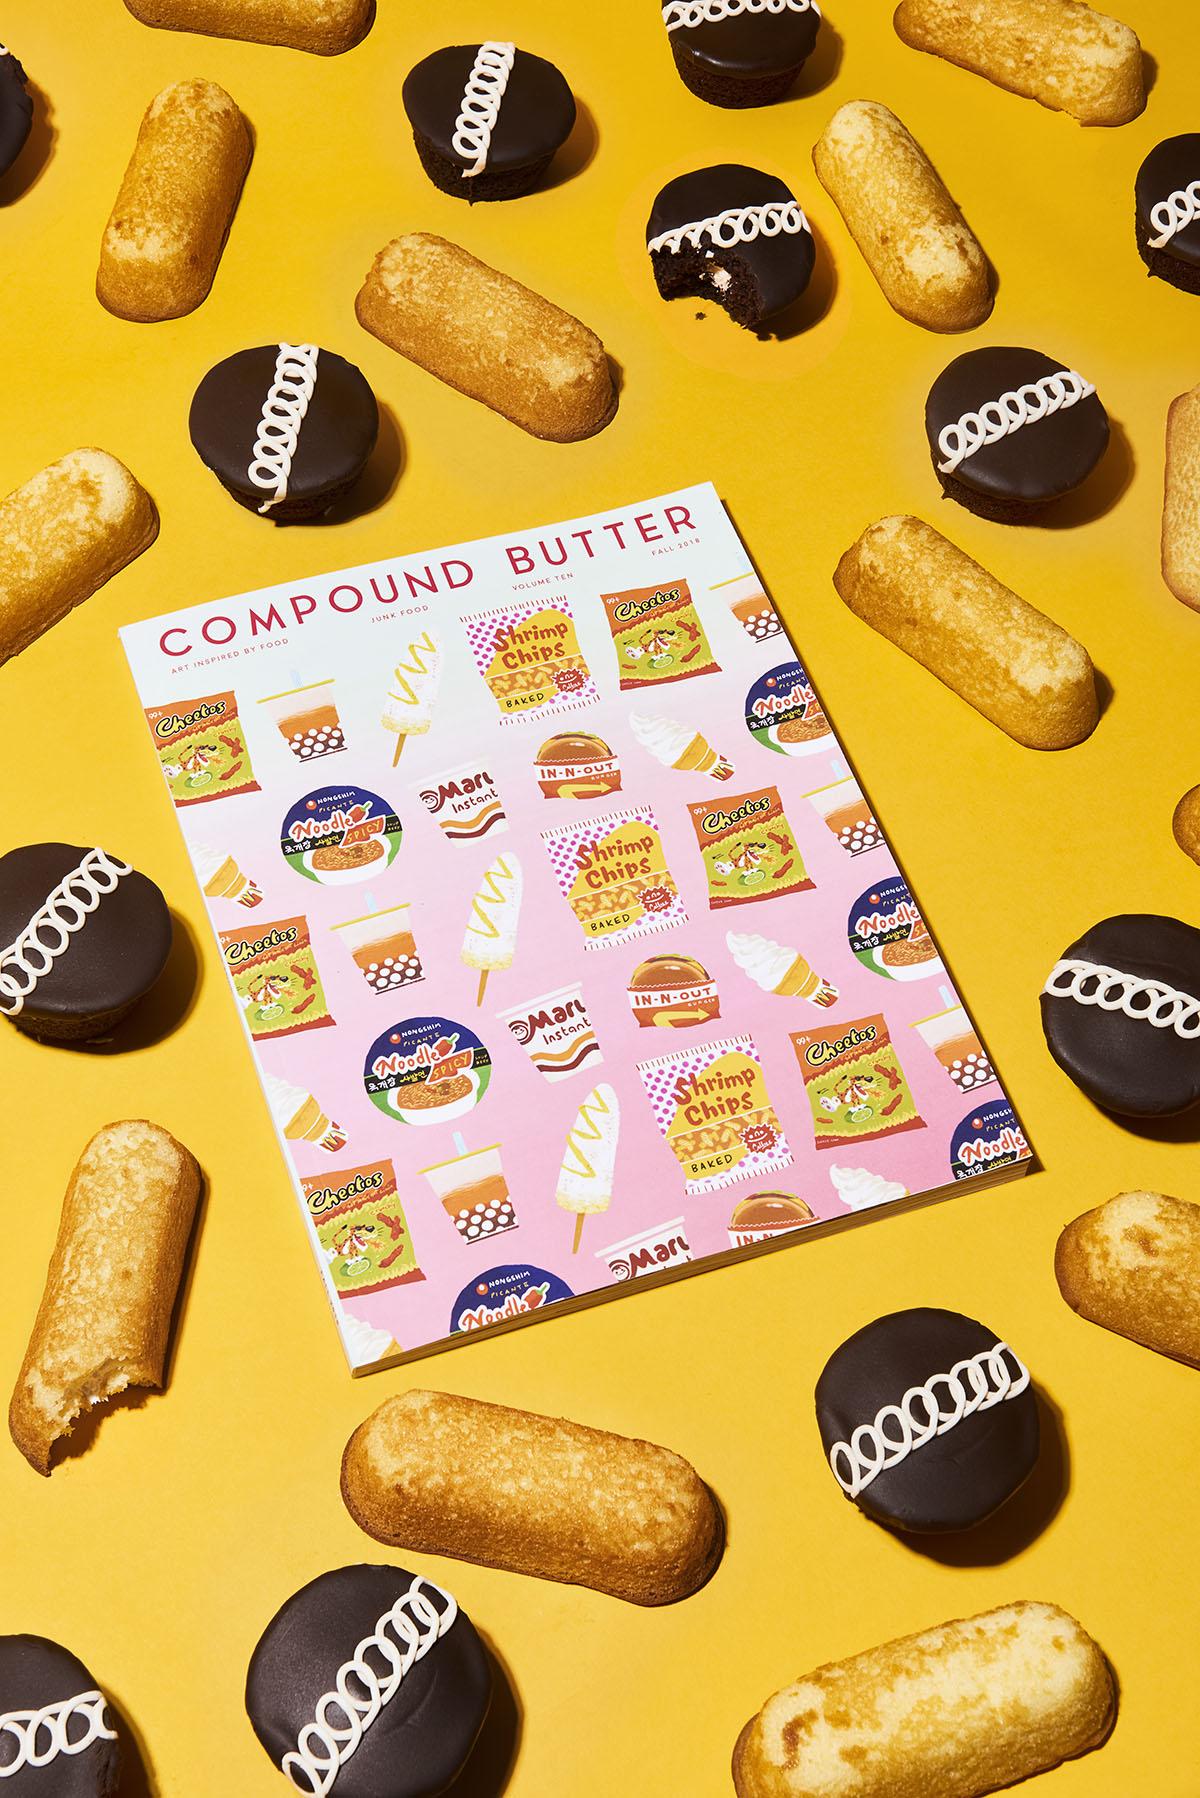 Compund Butter – Junk Food – Hostess – web